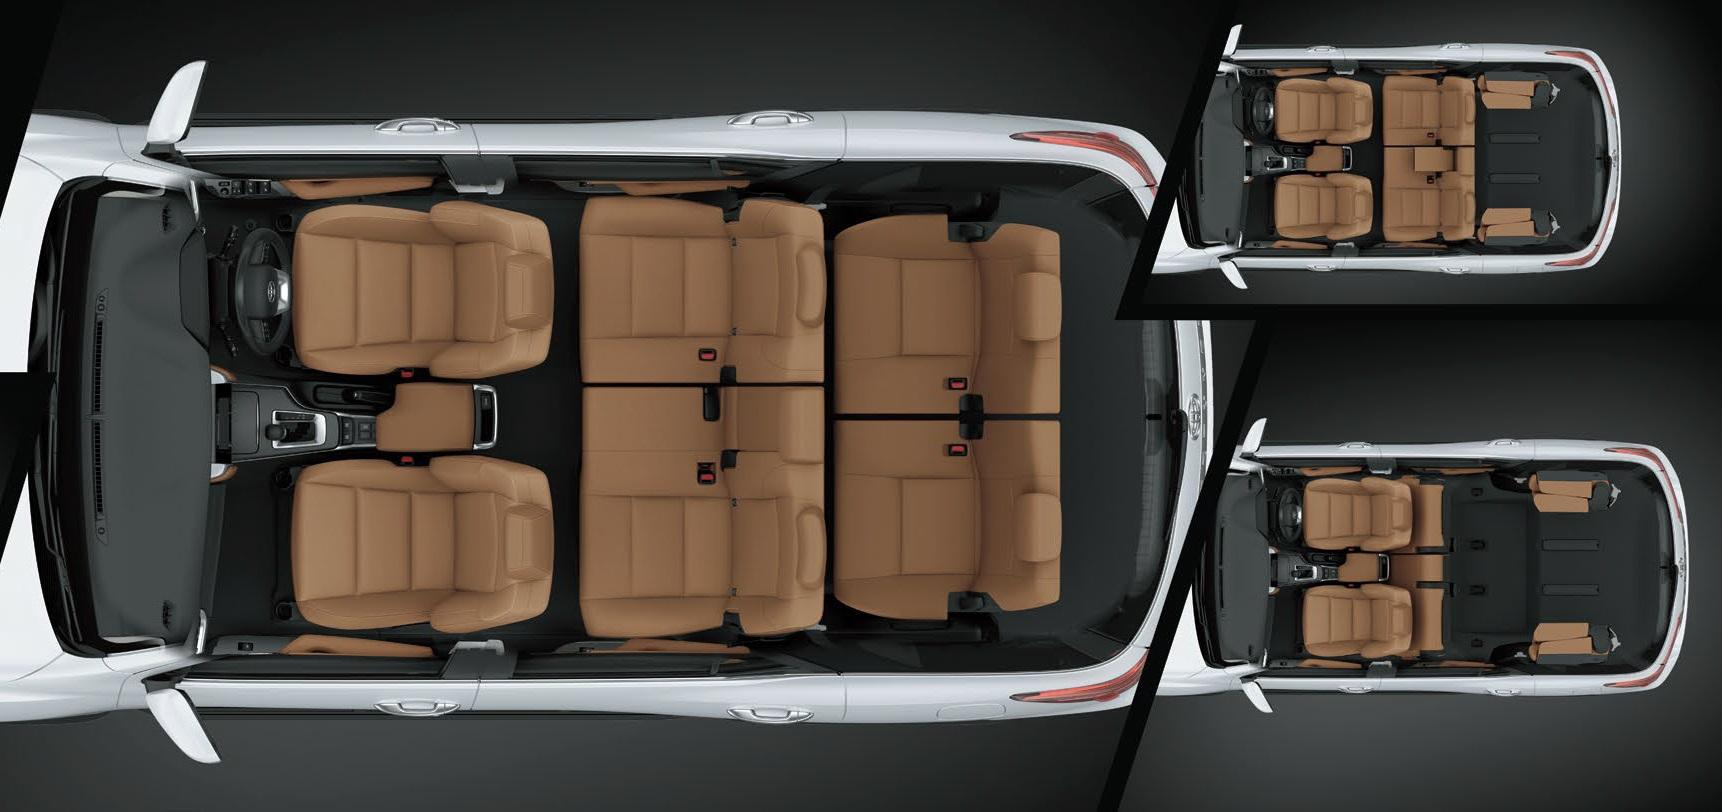 2018 toyota fortuner diesel interior